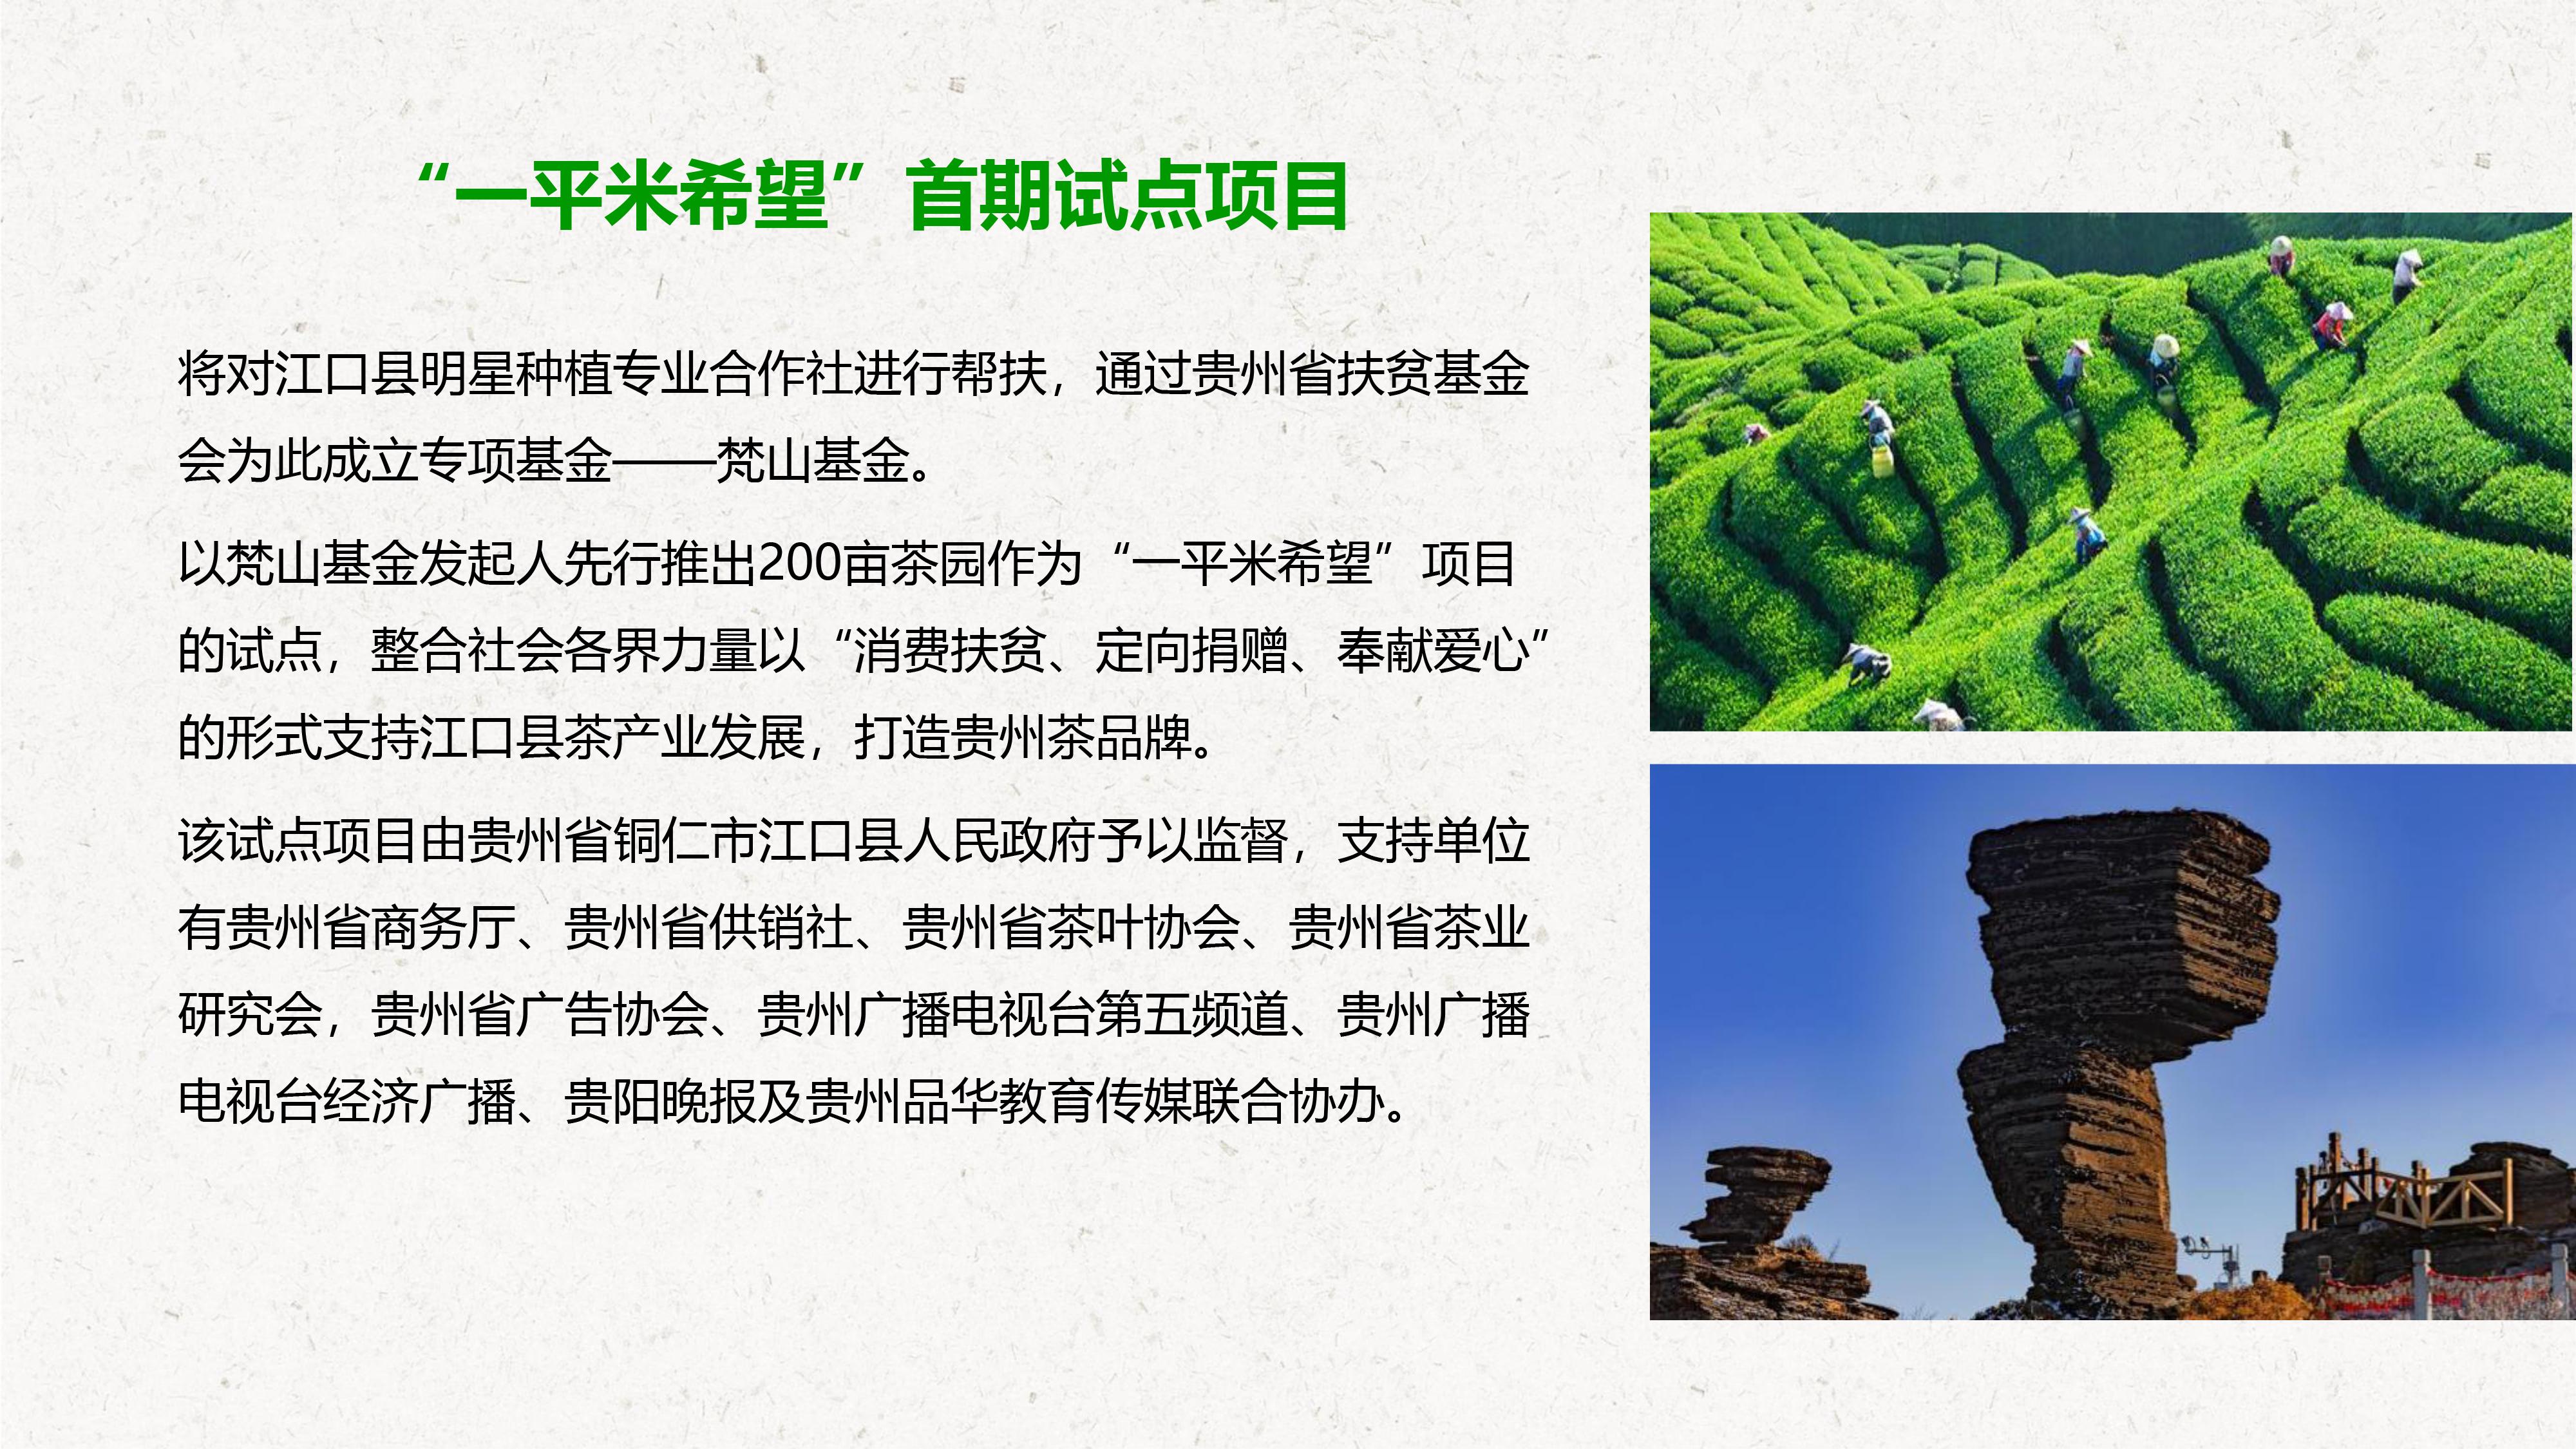 一平米希望(1210广协定稿)-9.jpg